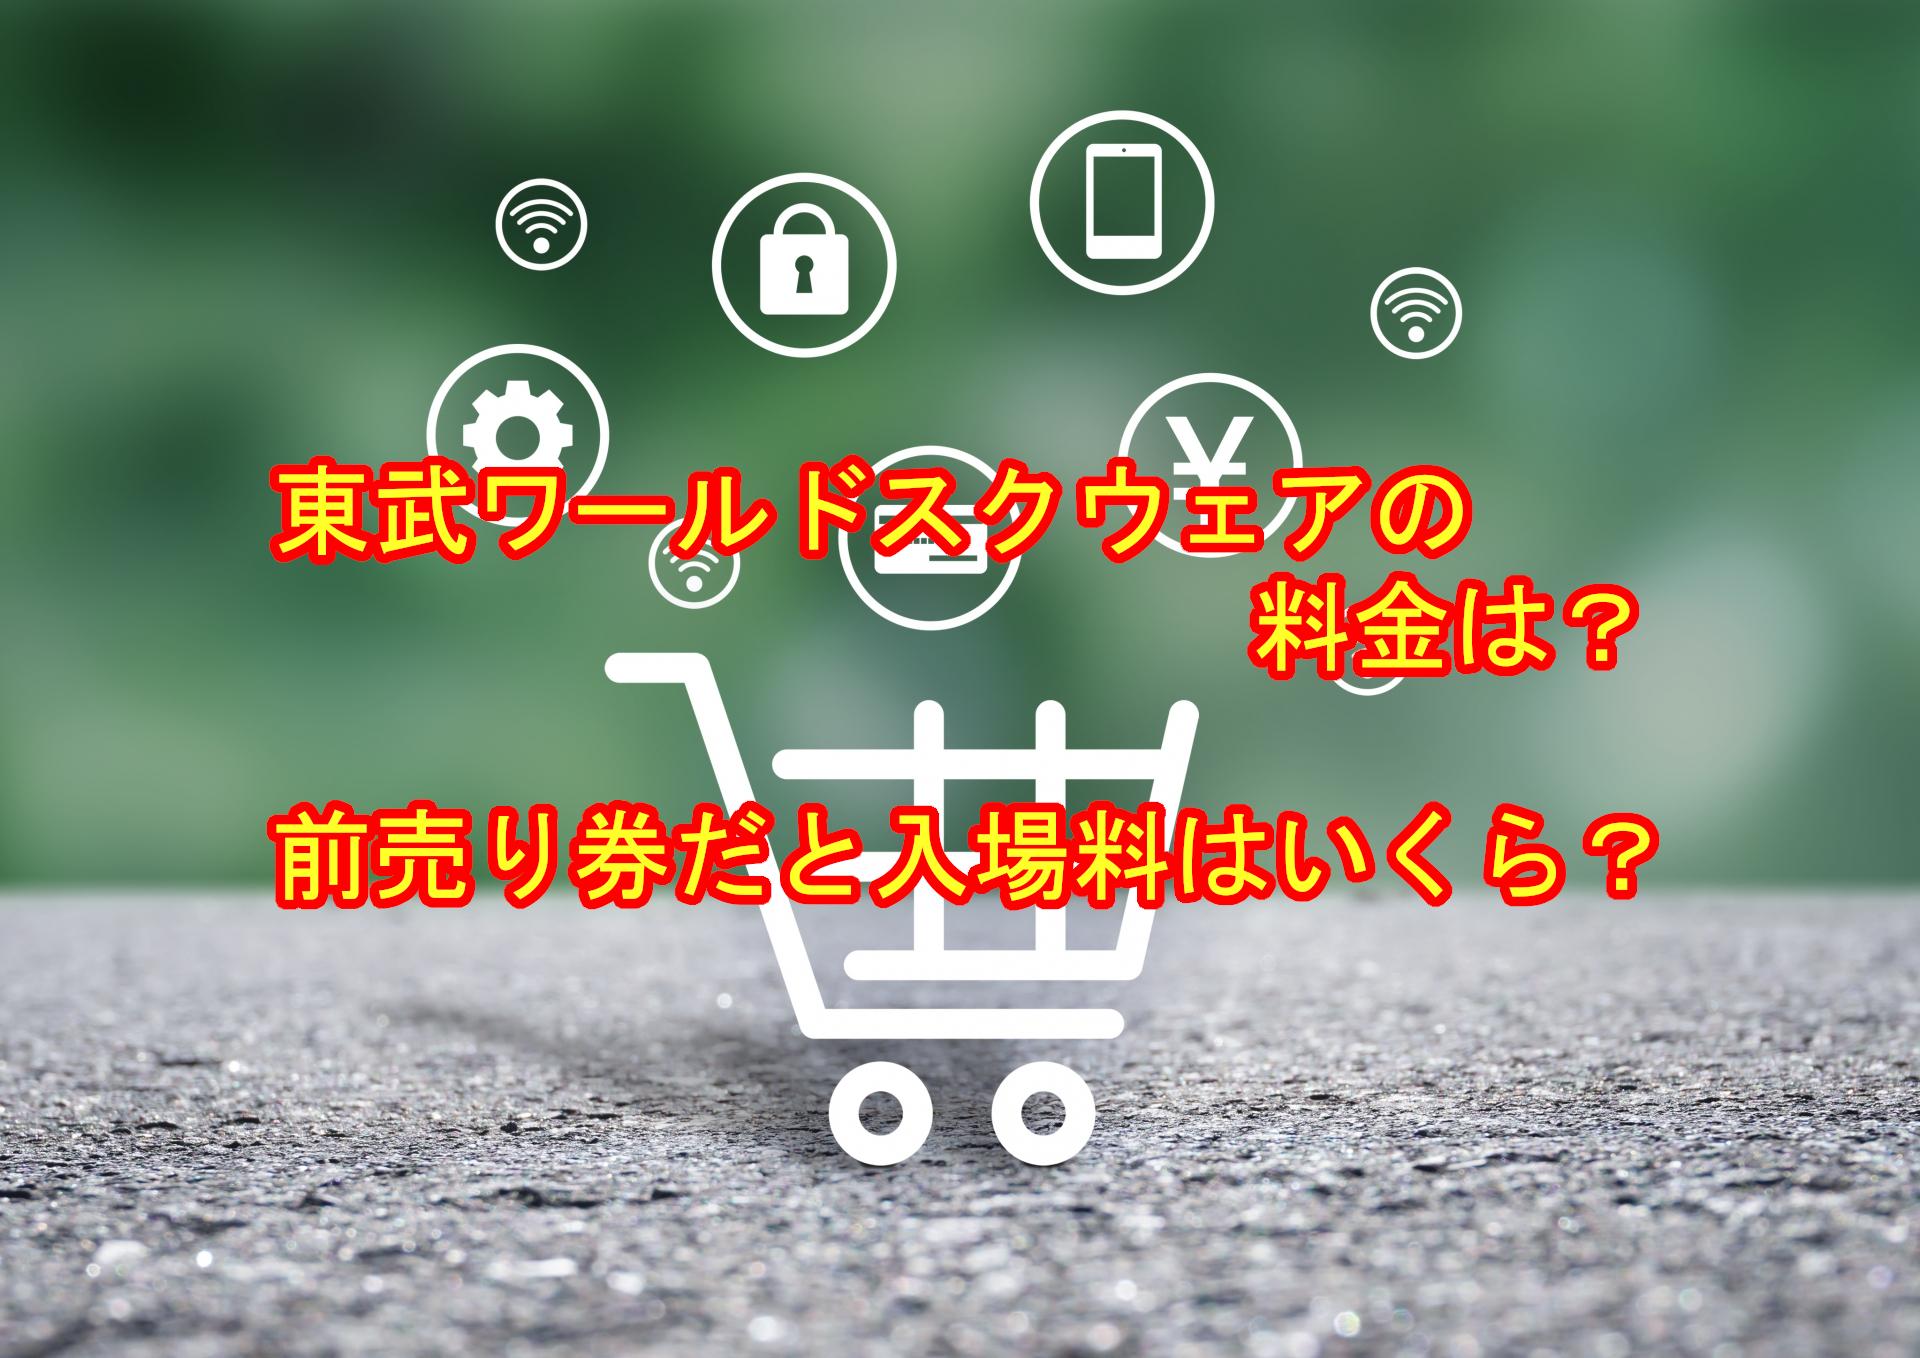 東武ワールドスクエアの料金と前売り券の入場料はどれくらい違う?